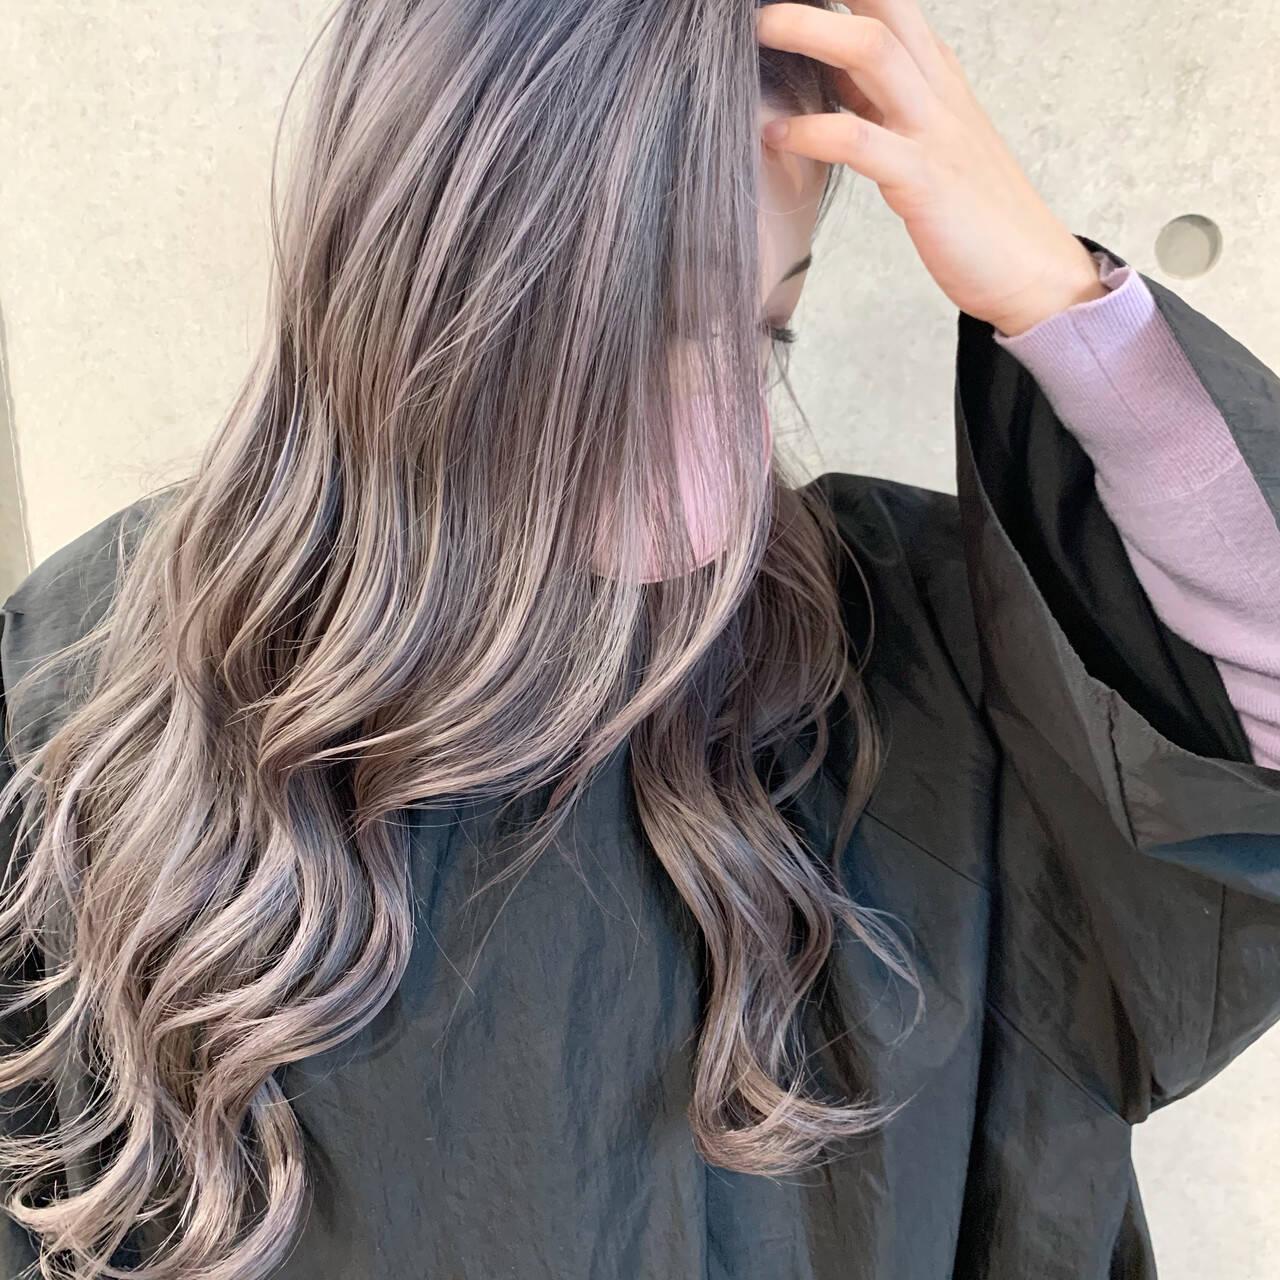 ダブルカラー ラベンダーグレージュ 透明感カラー バレイヤージュヘアスタイルや髪型の写真・画像